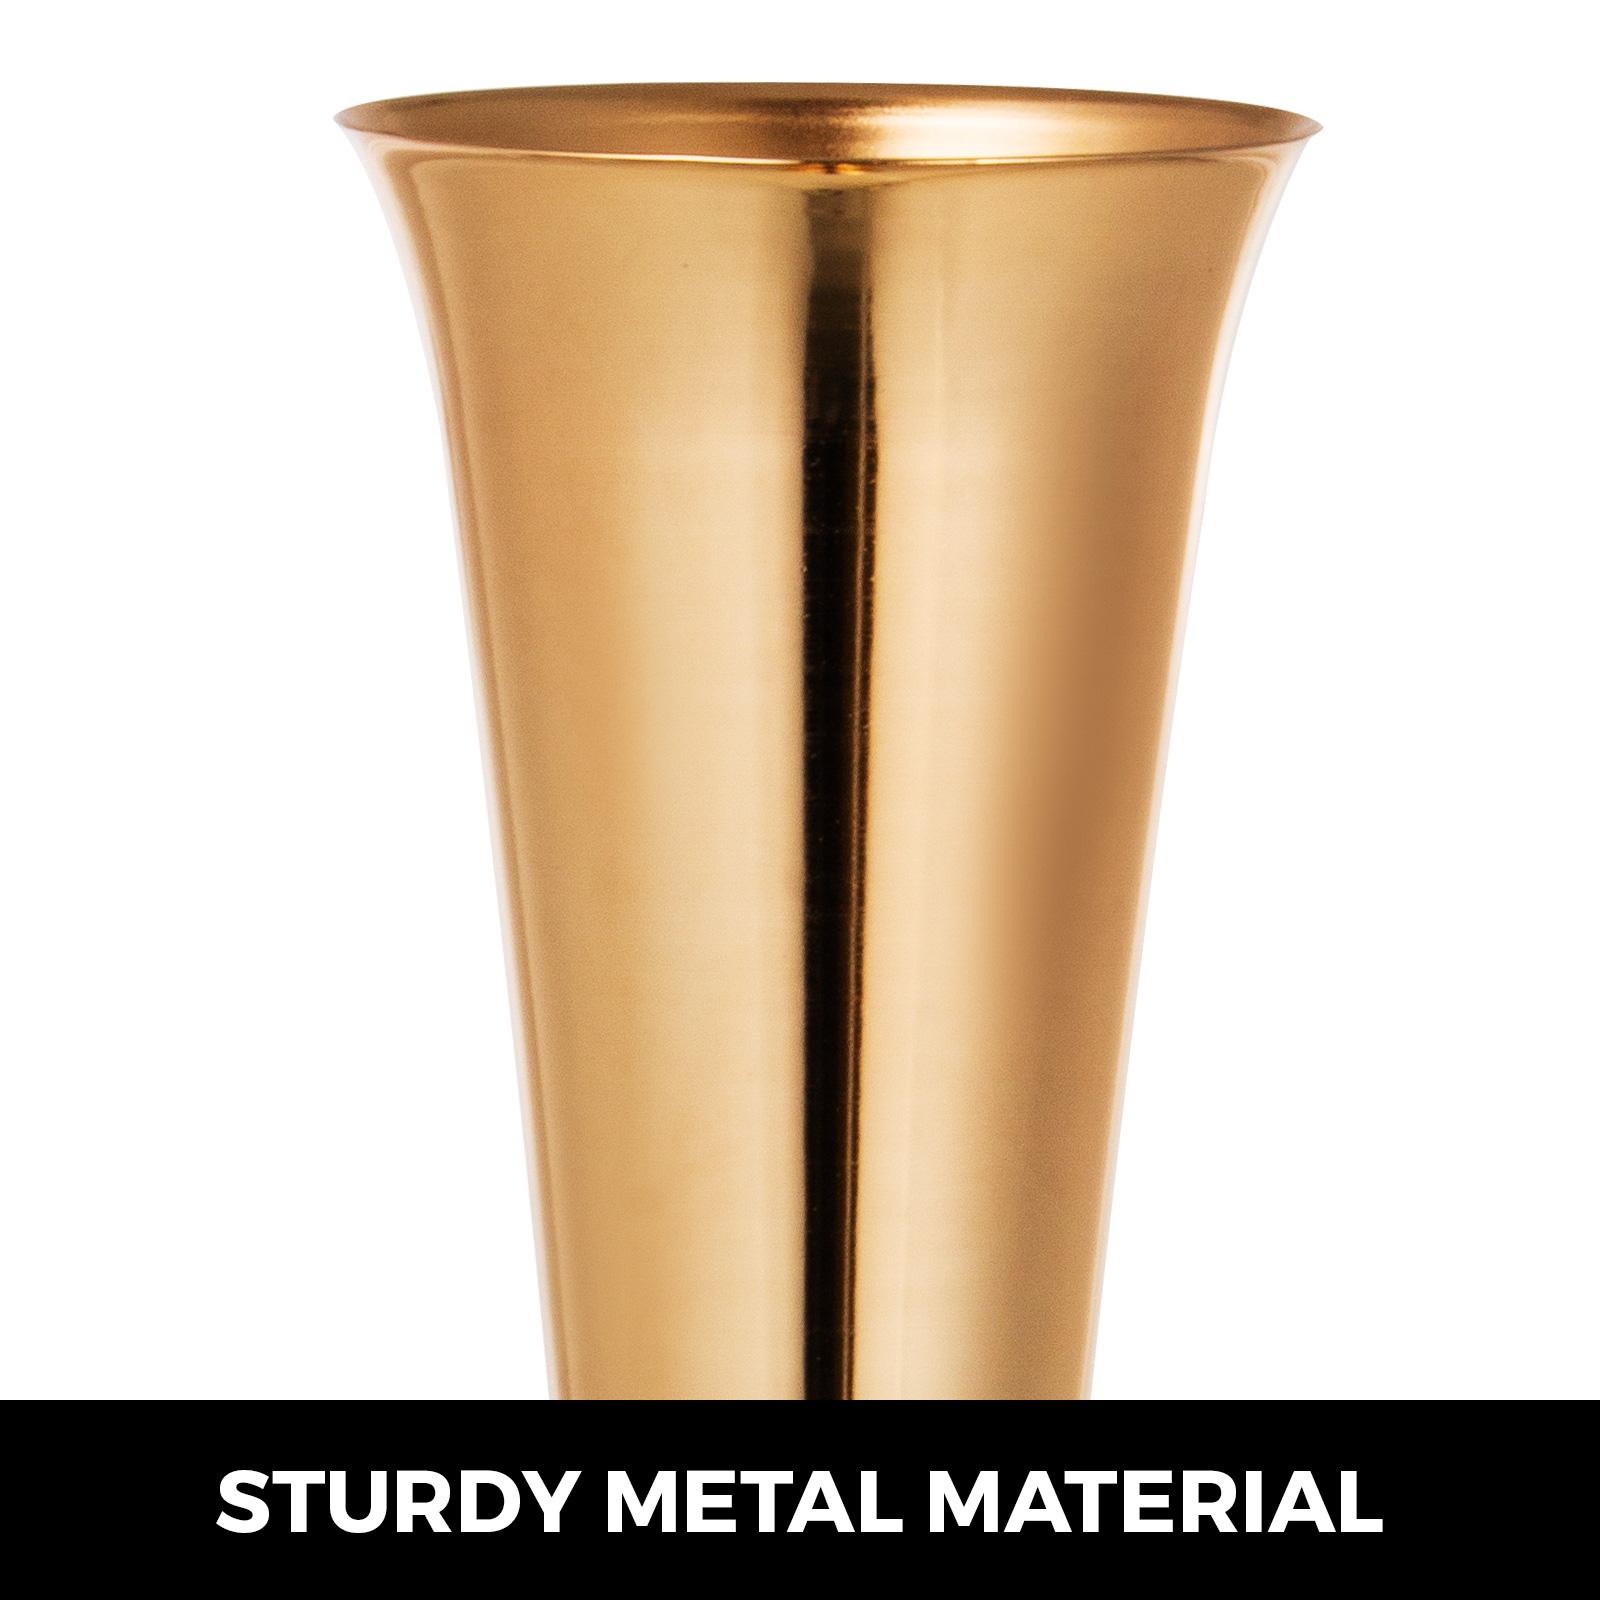 Trumpet-Vase-Flower-Vases-Centerpiece-29-5-034-22-034-for-Party-Celebration-Events thumbnail 50